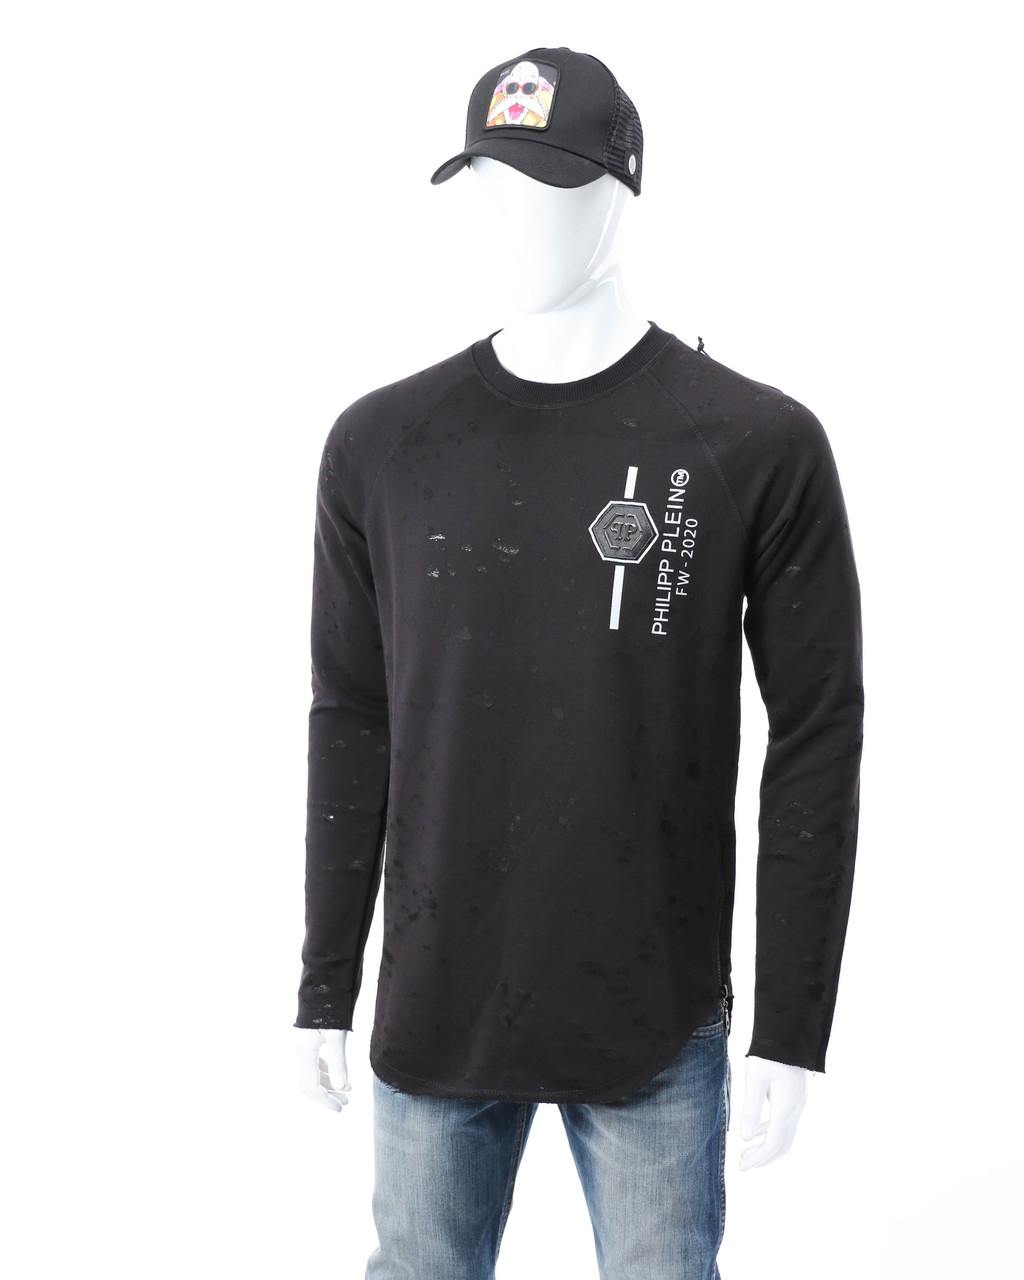 Свитшот черный PHILIPP PLEIN патч #4 Р-2 BLK M(Р) 20-517-212-004